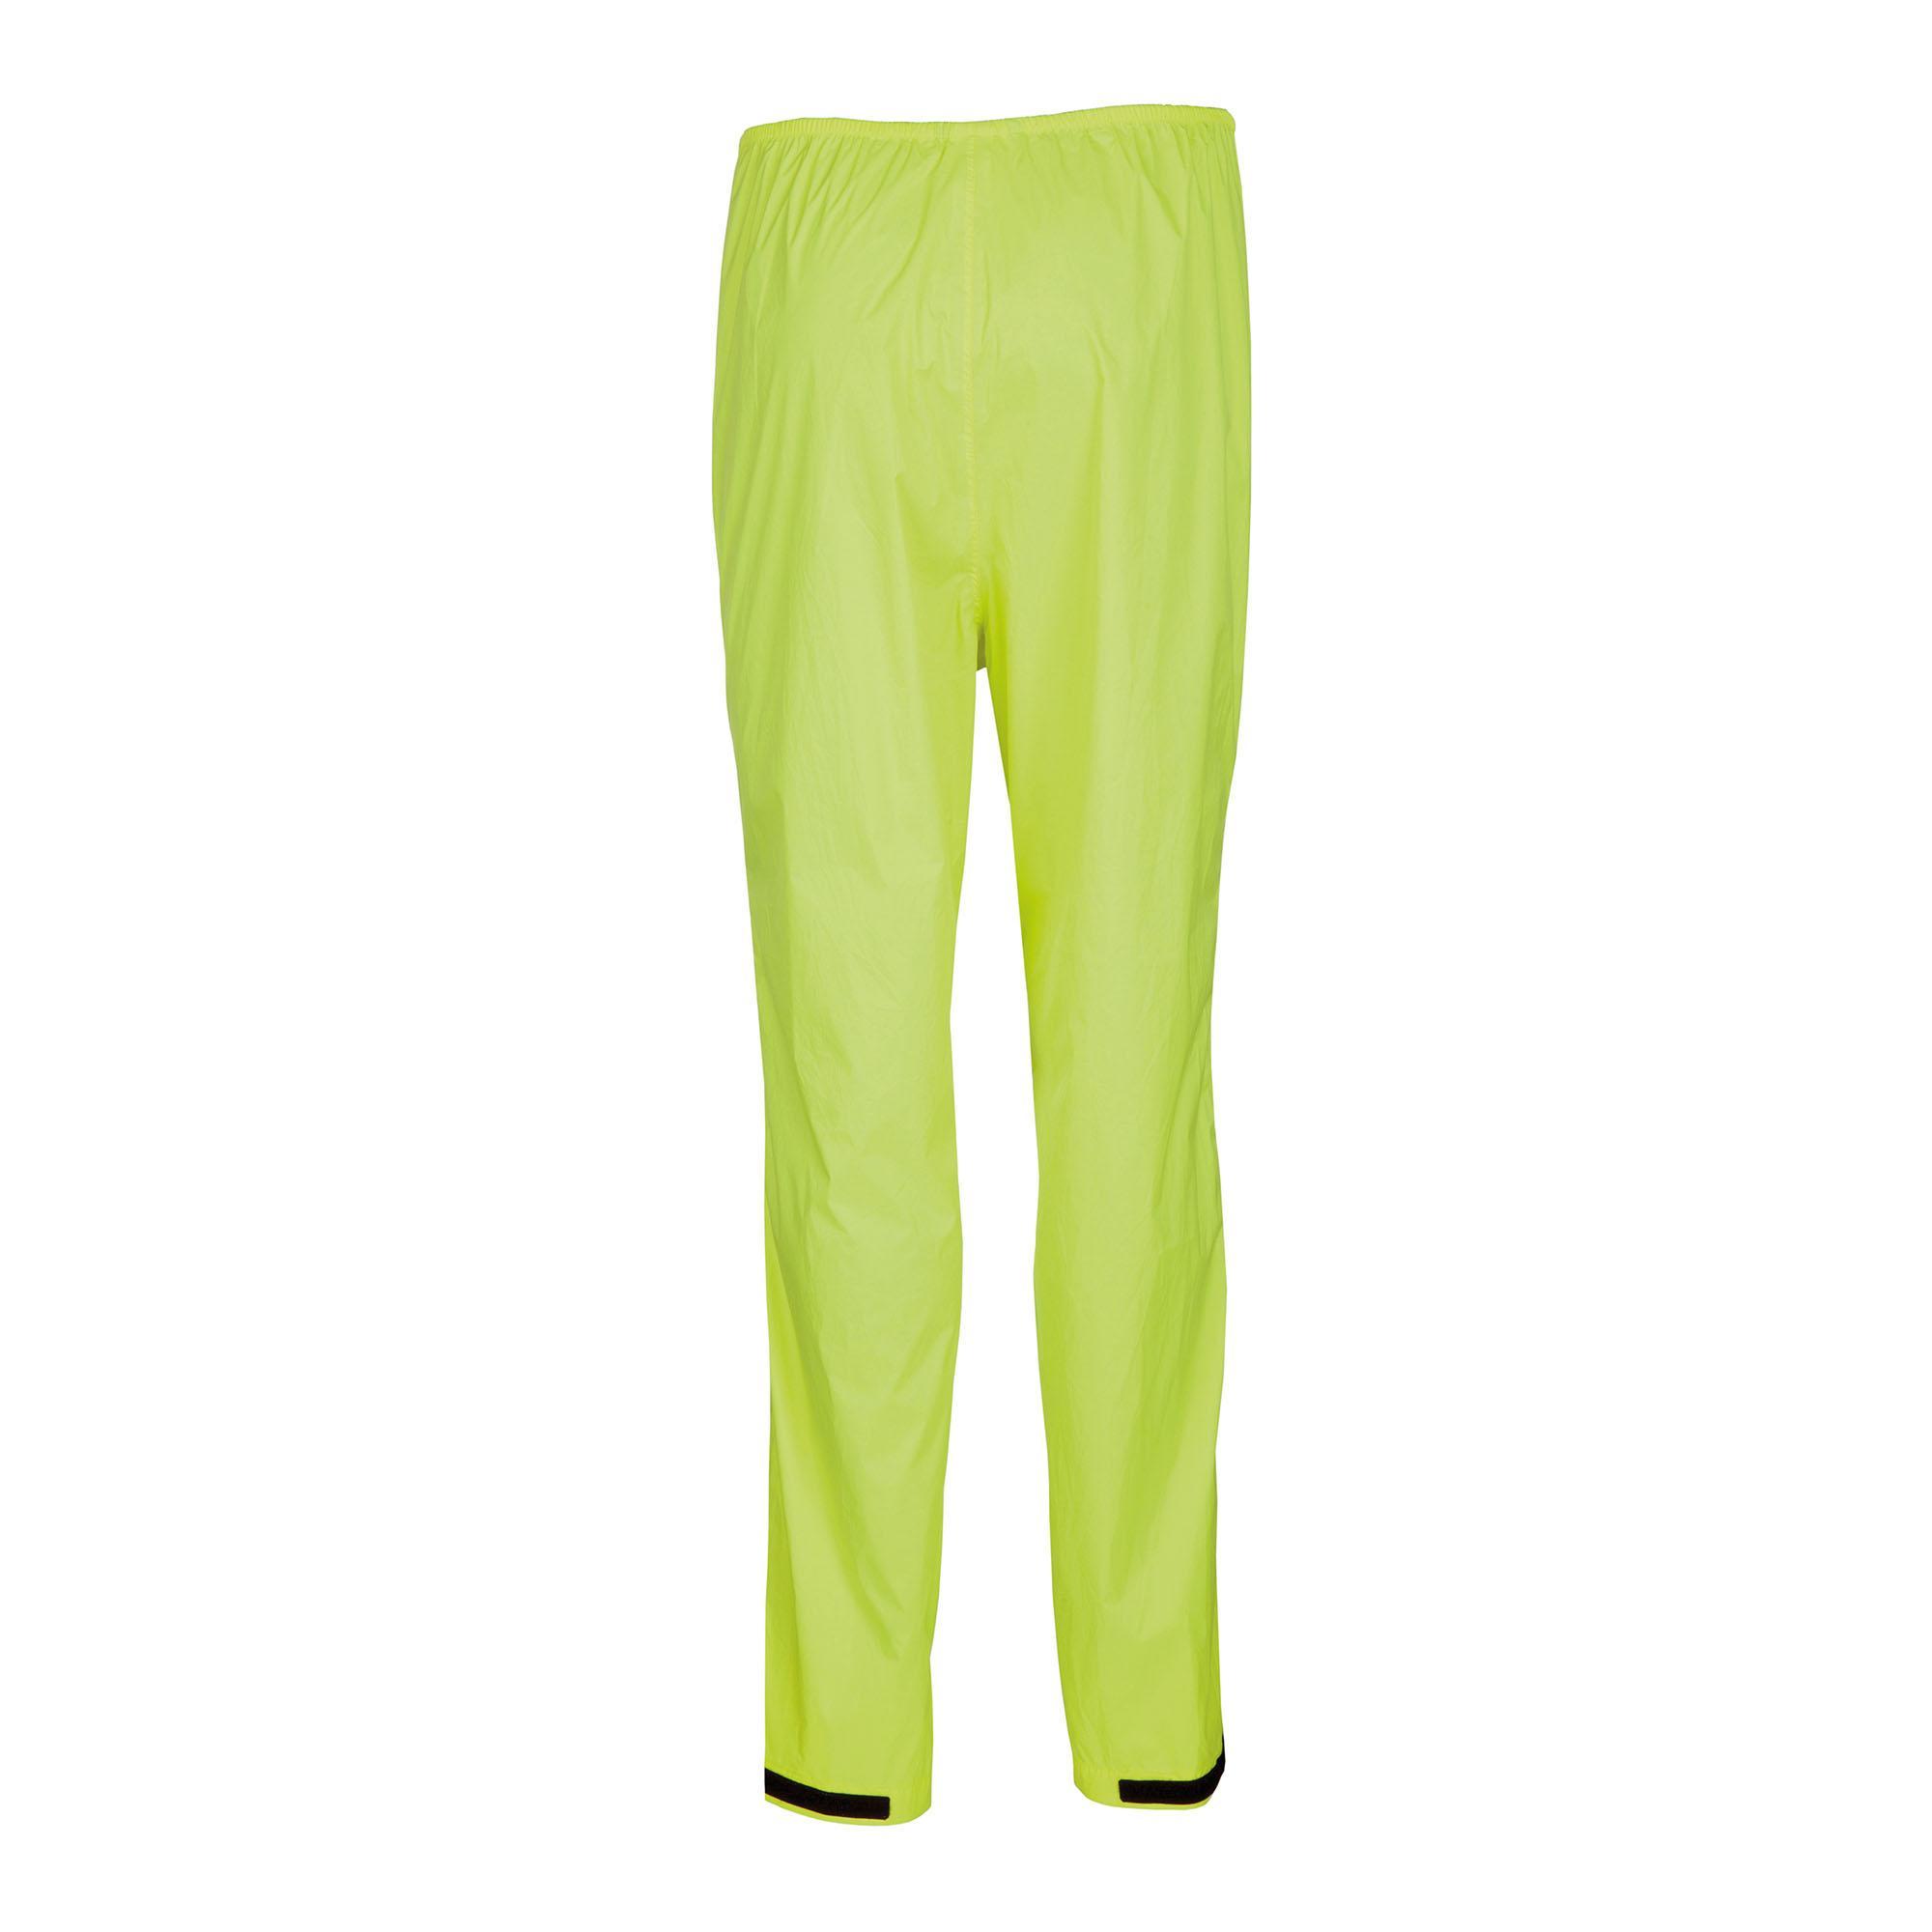 Pantalone Antipioggia Panta Nano Plus Giallo Fluo